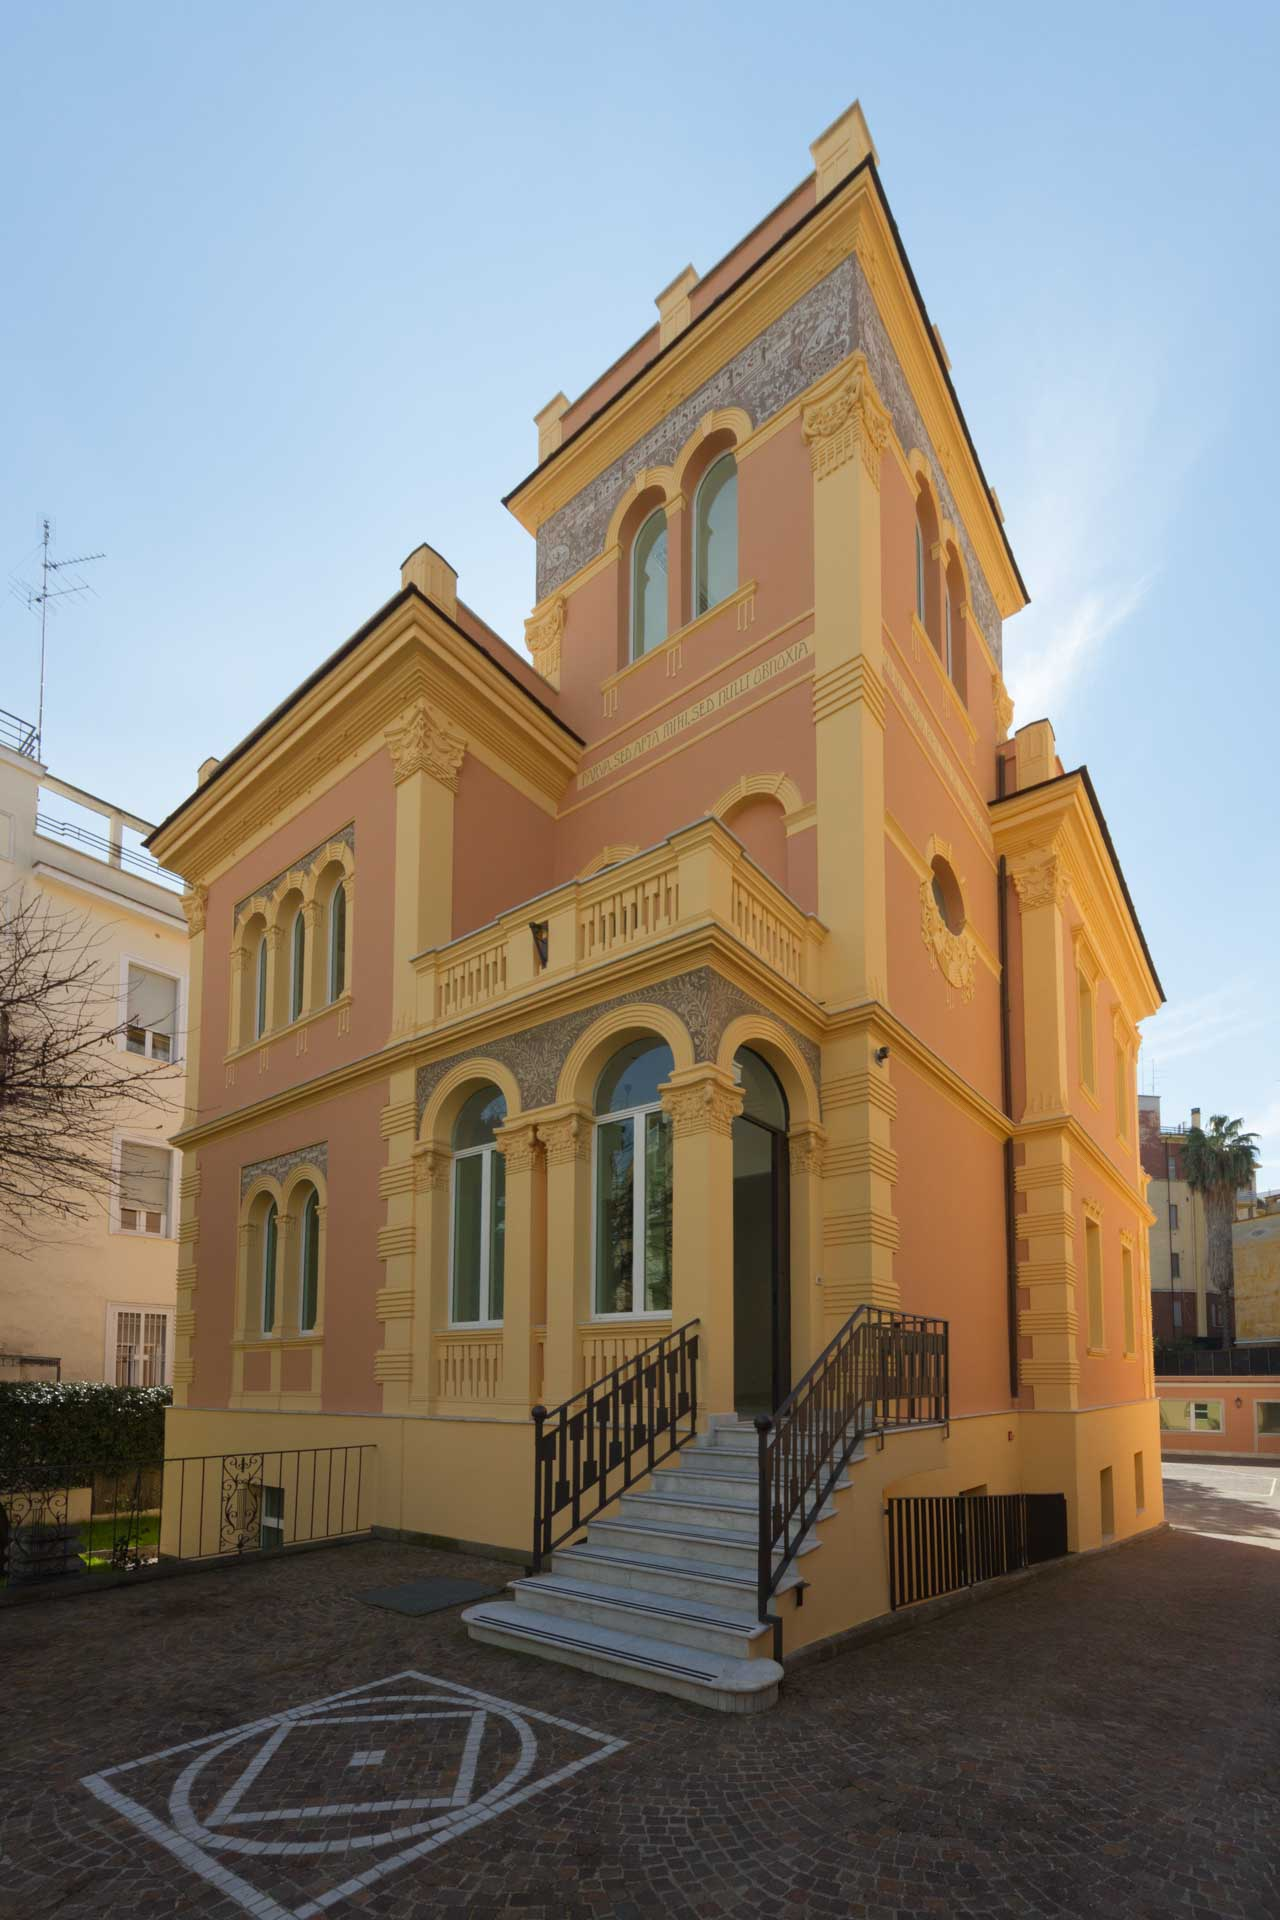 Ufficio in affitto a roma sede di rappresentanza in for Uffici in affitto roma